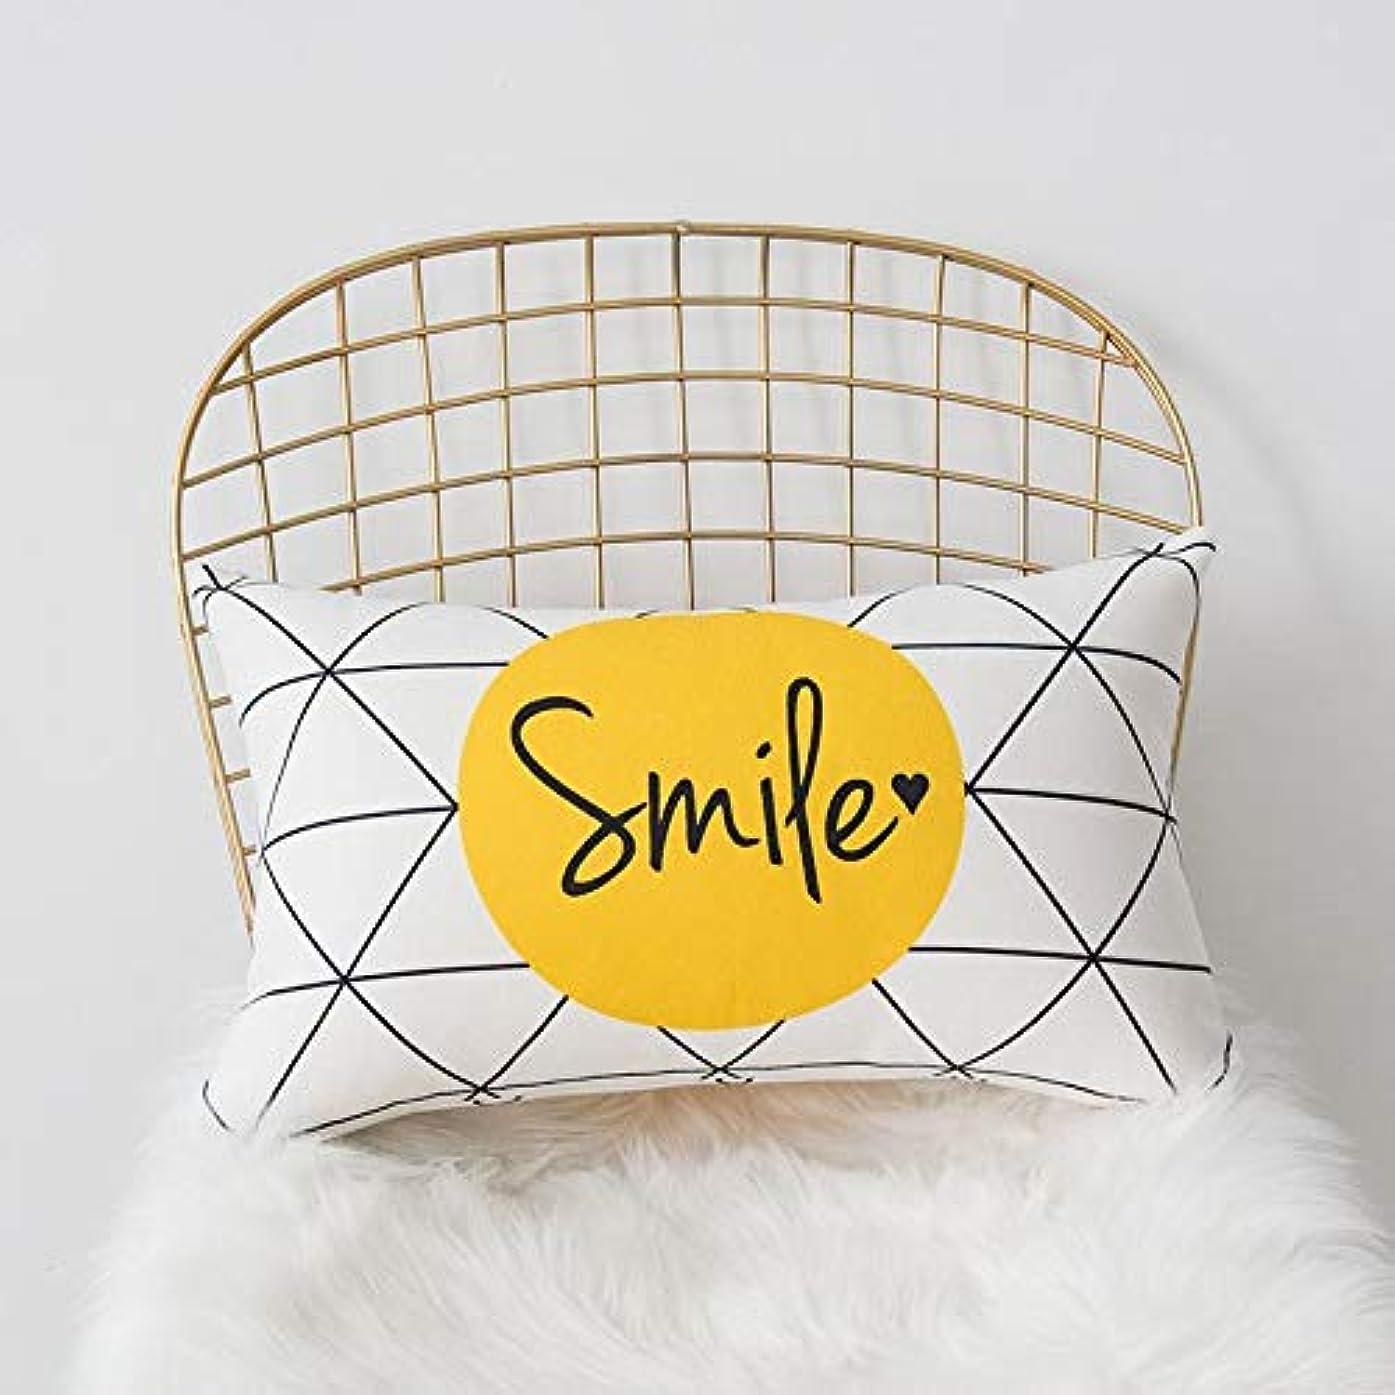 メンタルとして歯車SMART 黄色グレー枕北欧スタイル黄色ヘラジカ幾何枕リビングルームのインテリアソファクッション Cojines 装飾良質 クッション 椅子